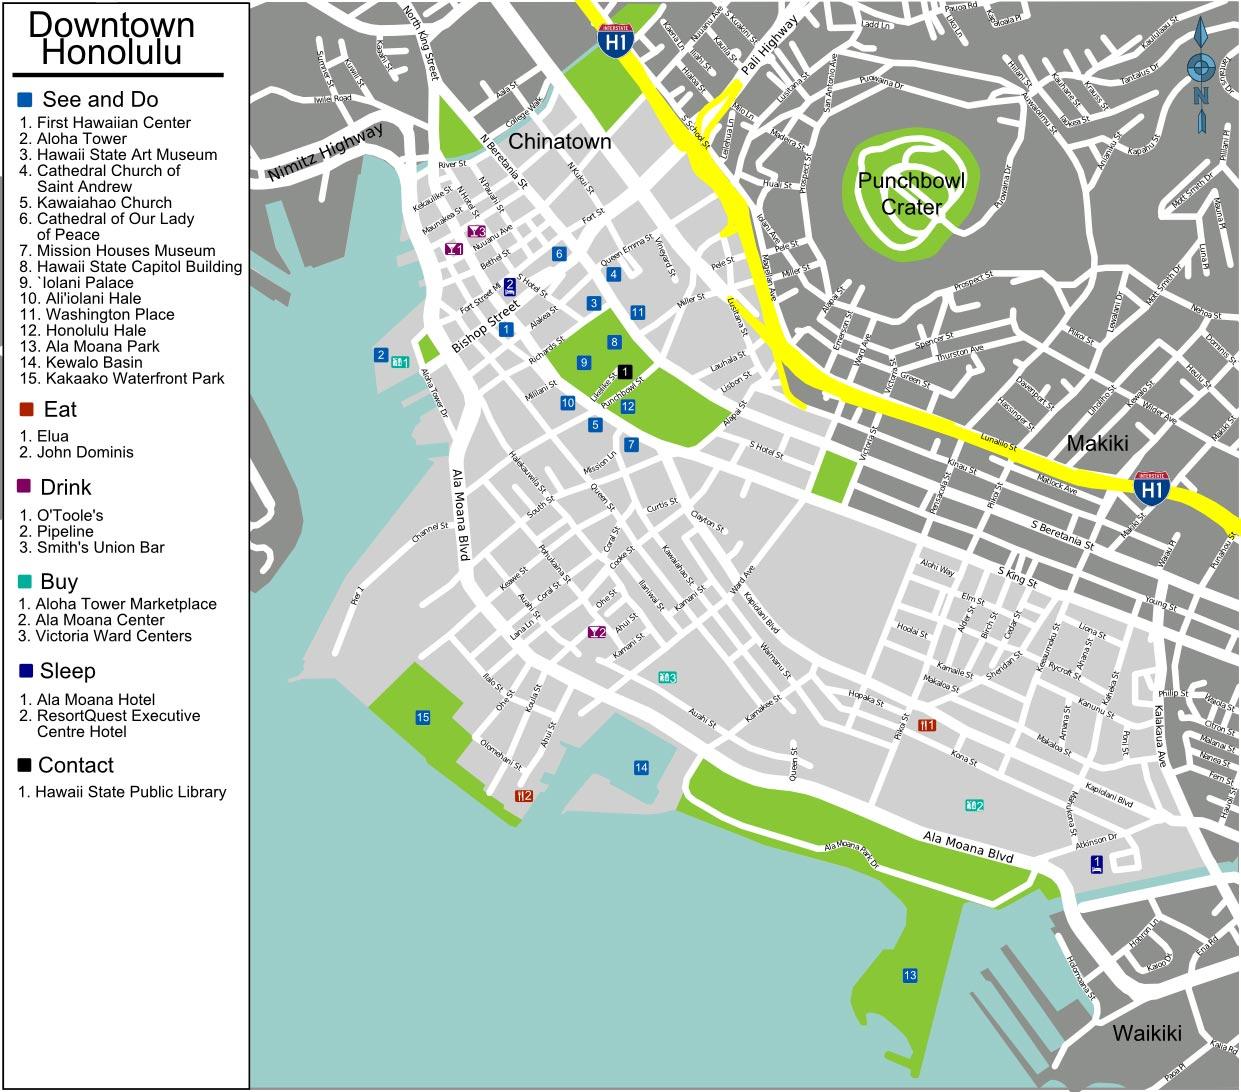 Mapa dos pontos turísticos de Honolulu